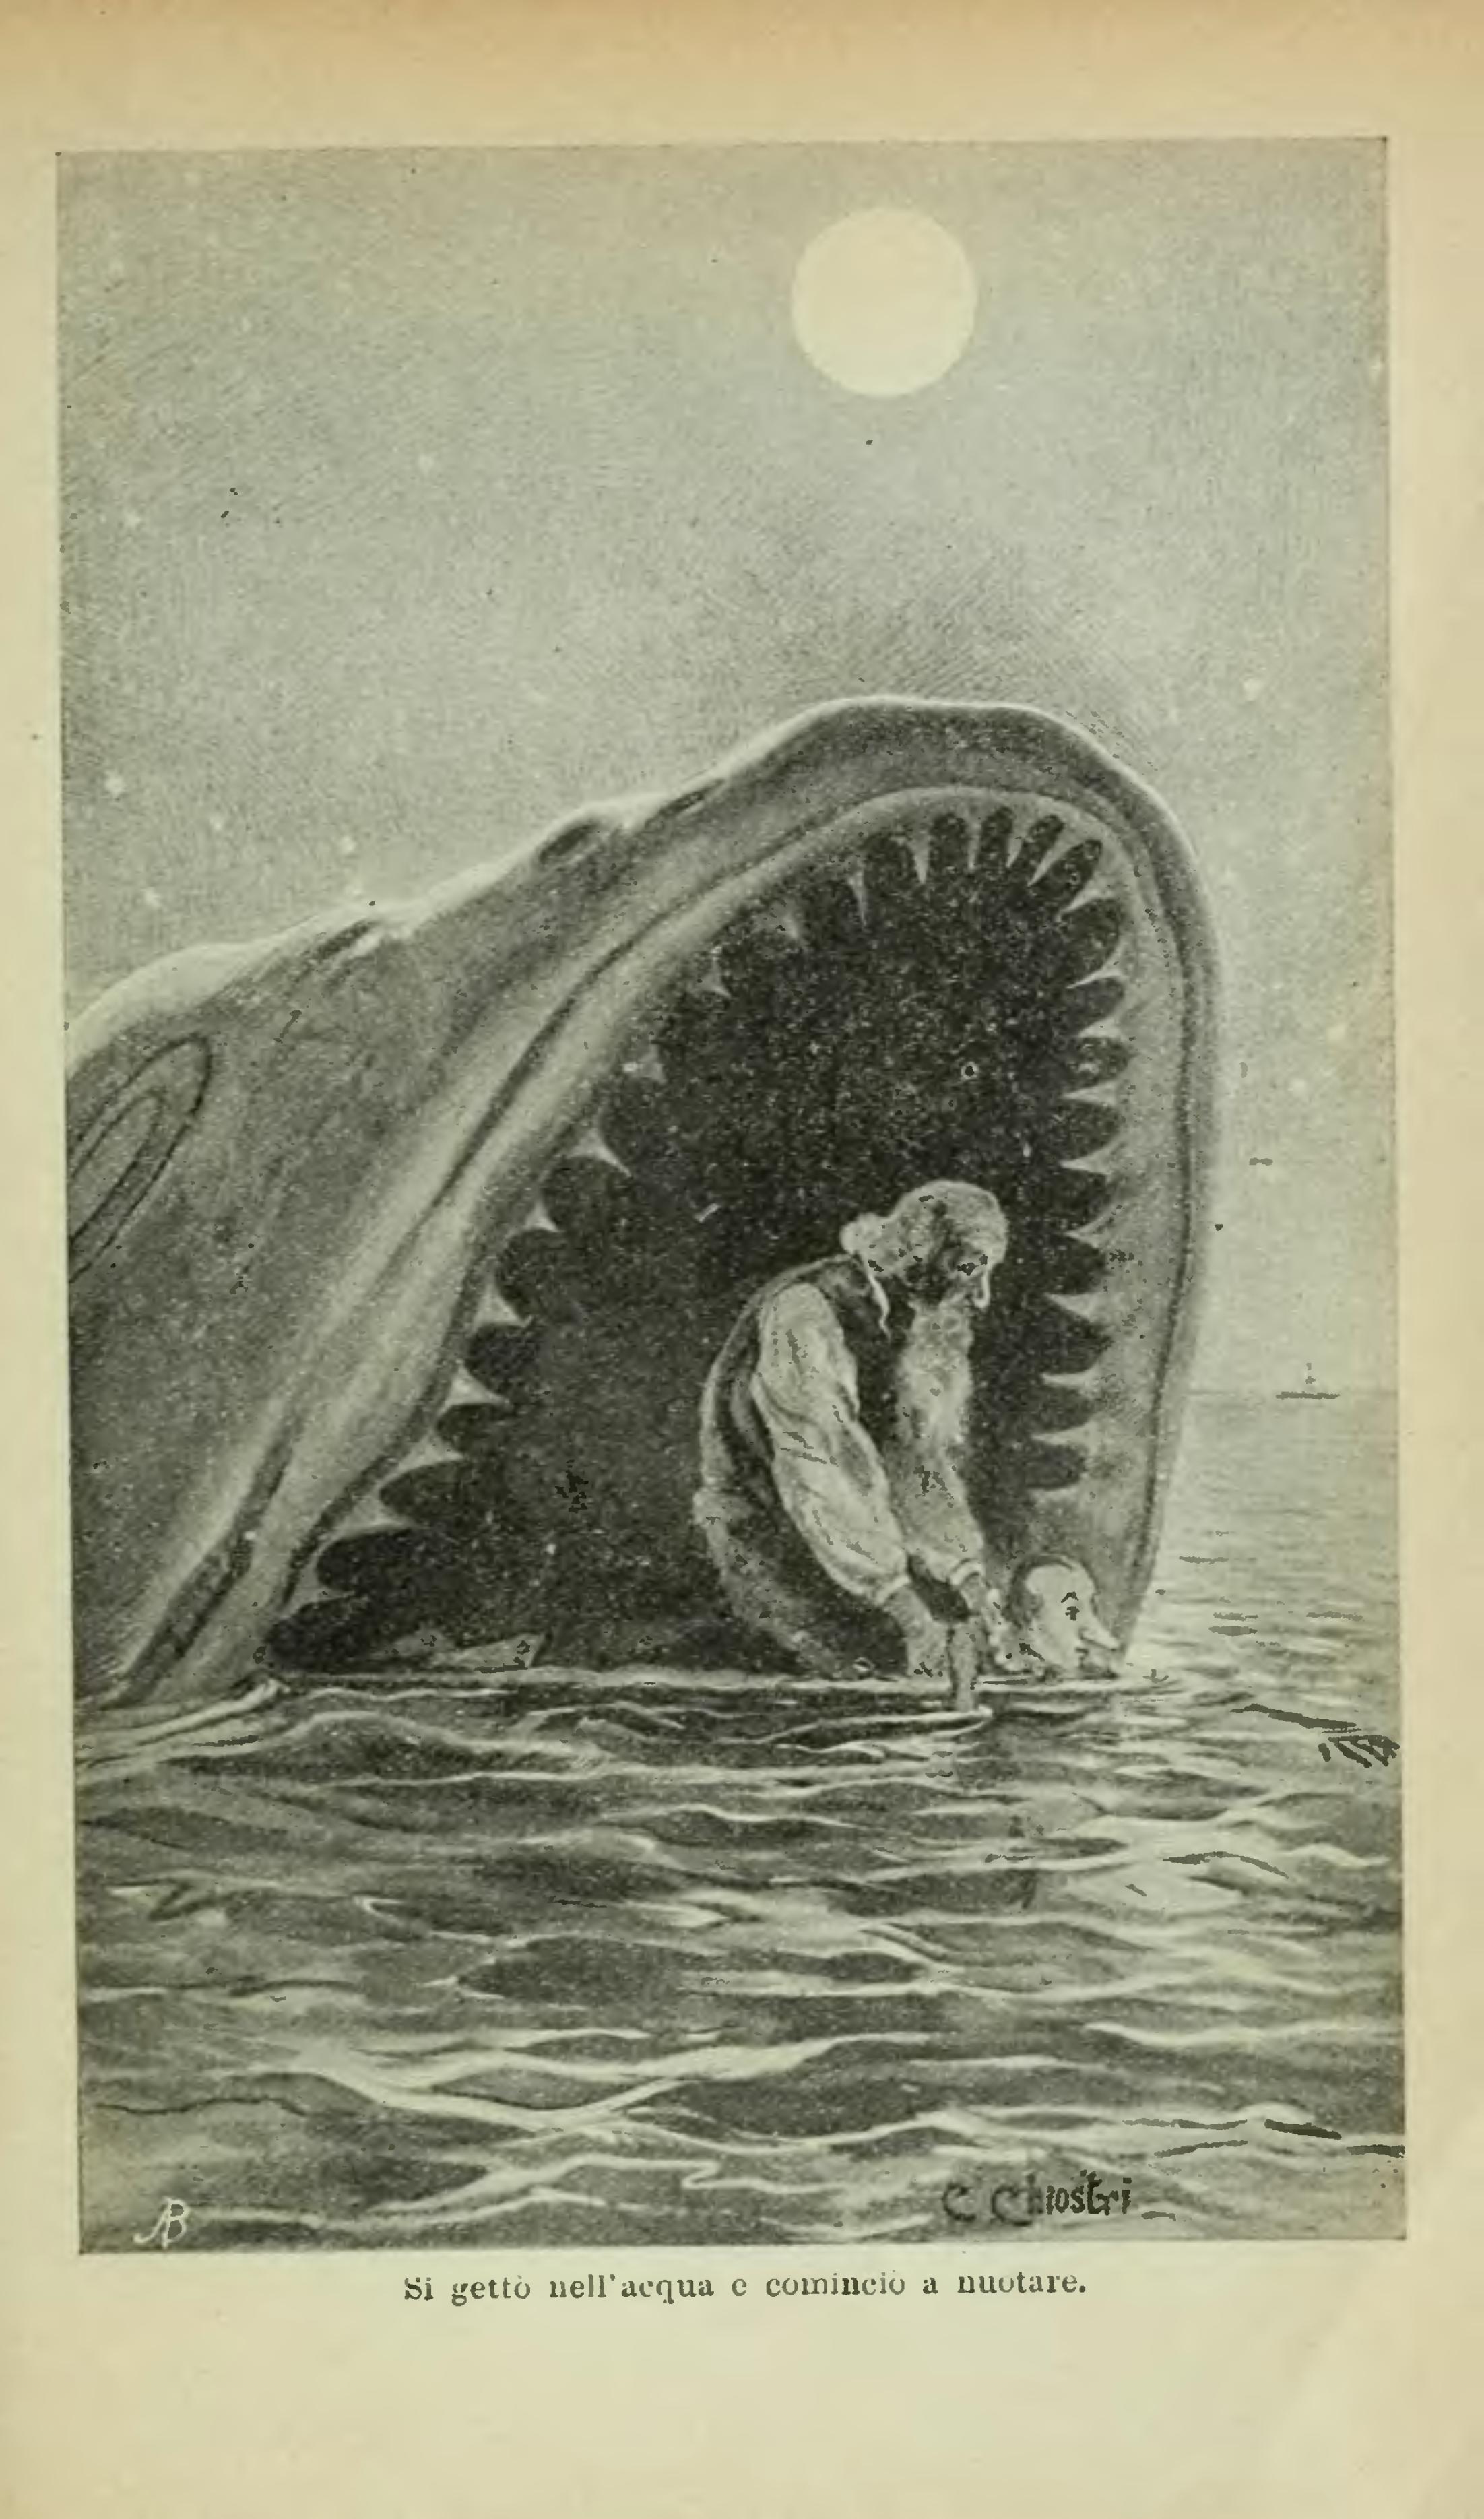 si gett� nell'acqua e cominci� a nuotare - Carlo Chiostri 1902